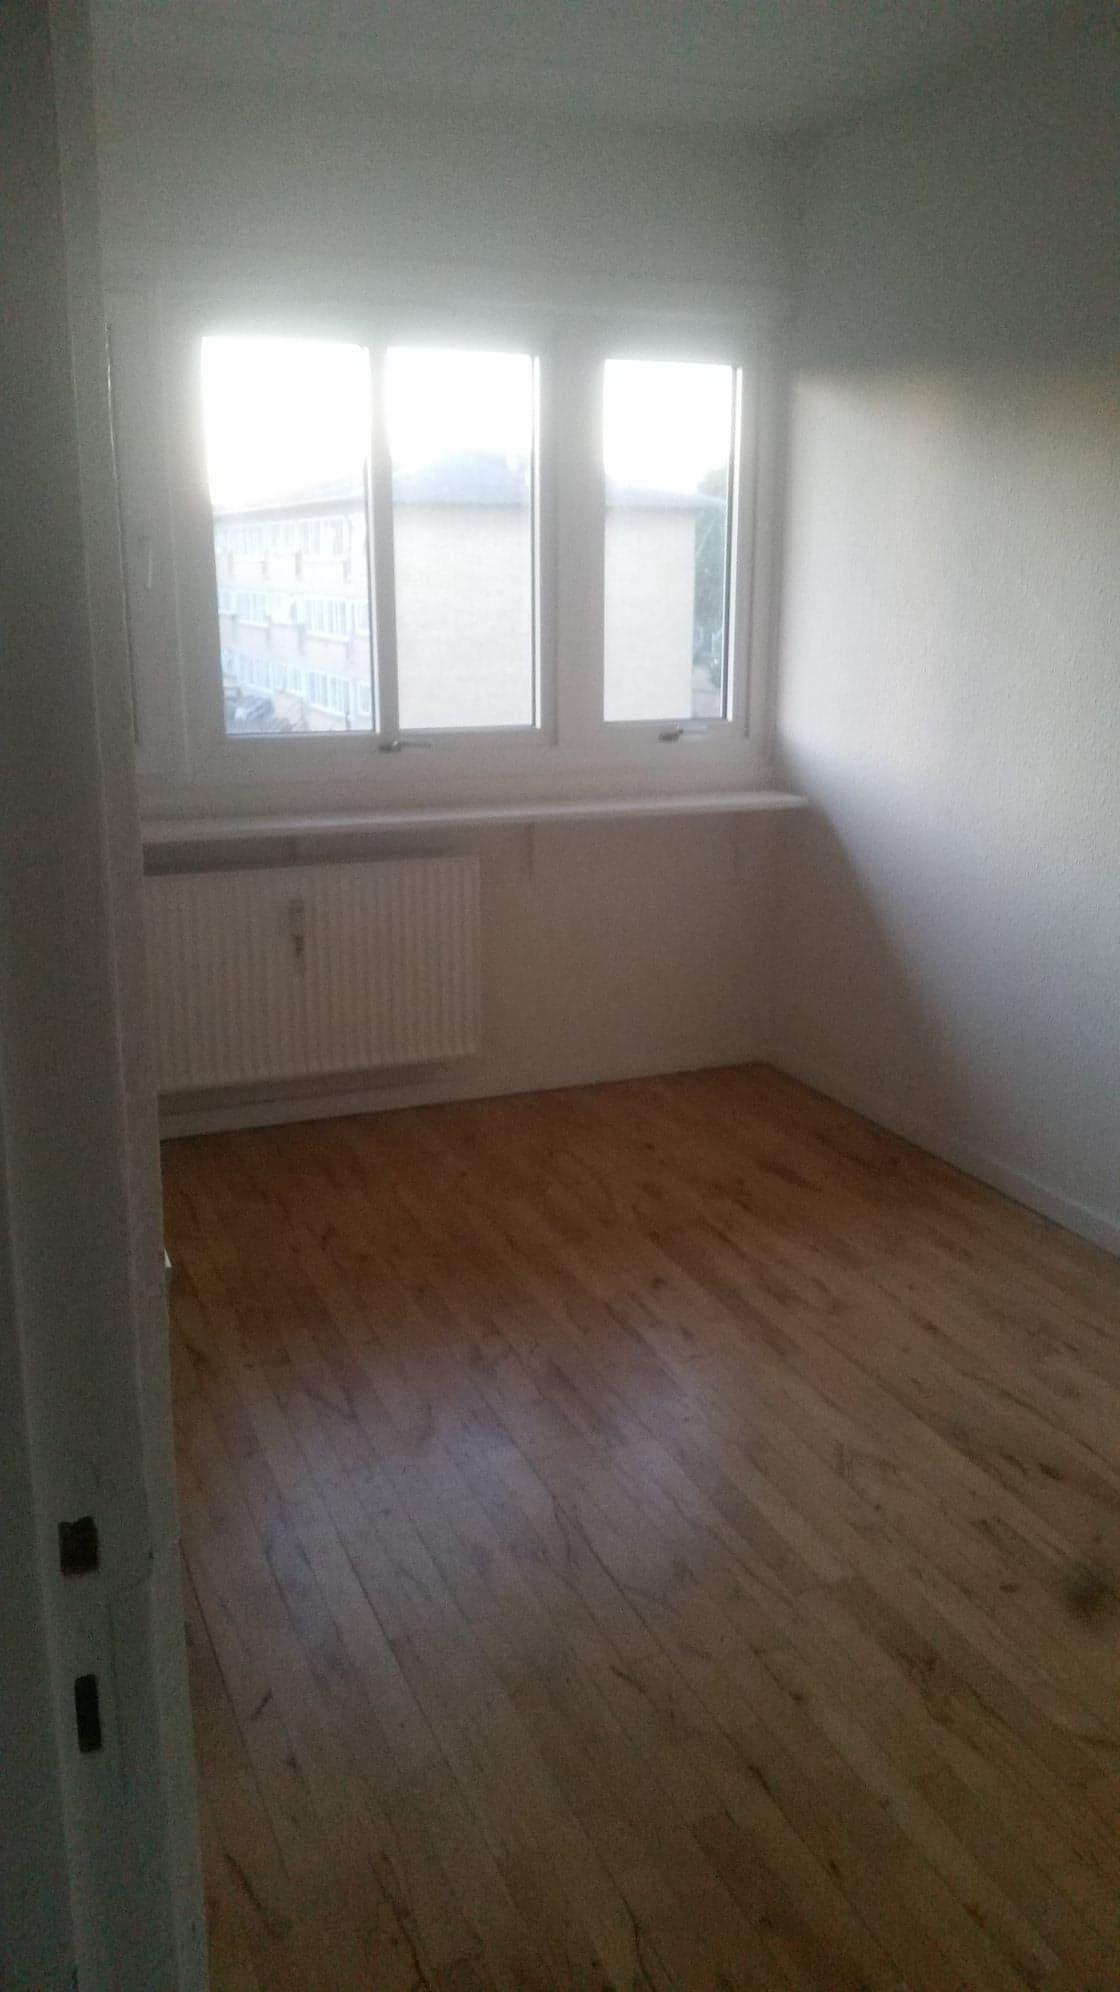 Ledigt værelse i Odense M tæt på SDU